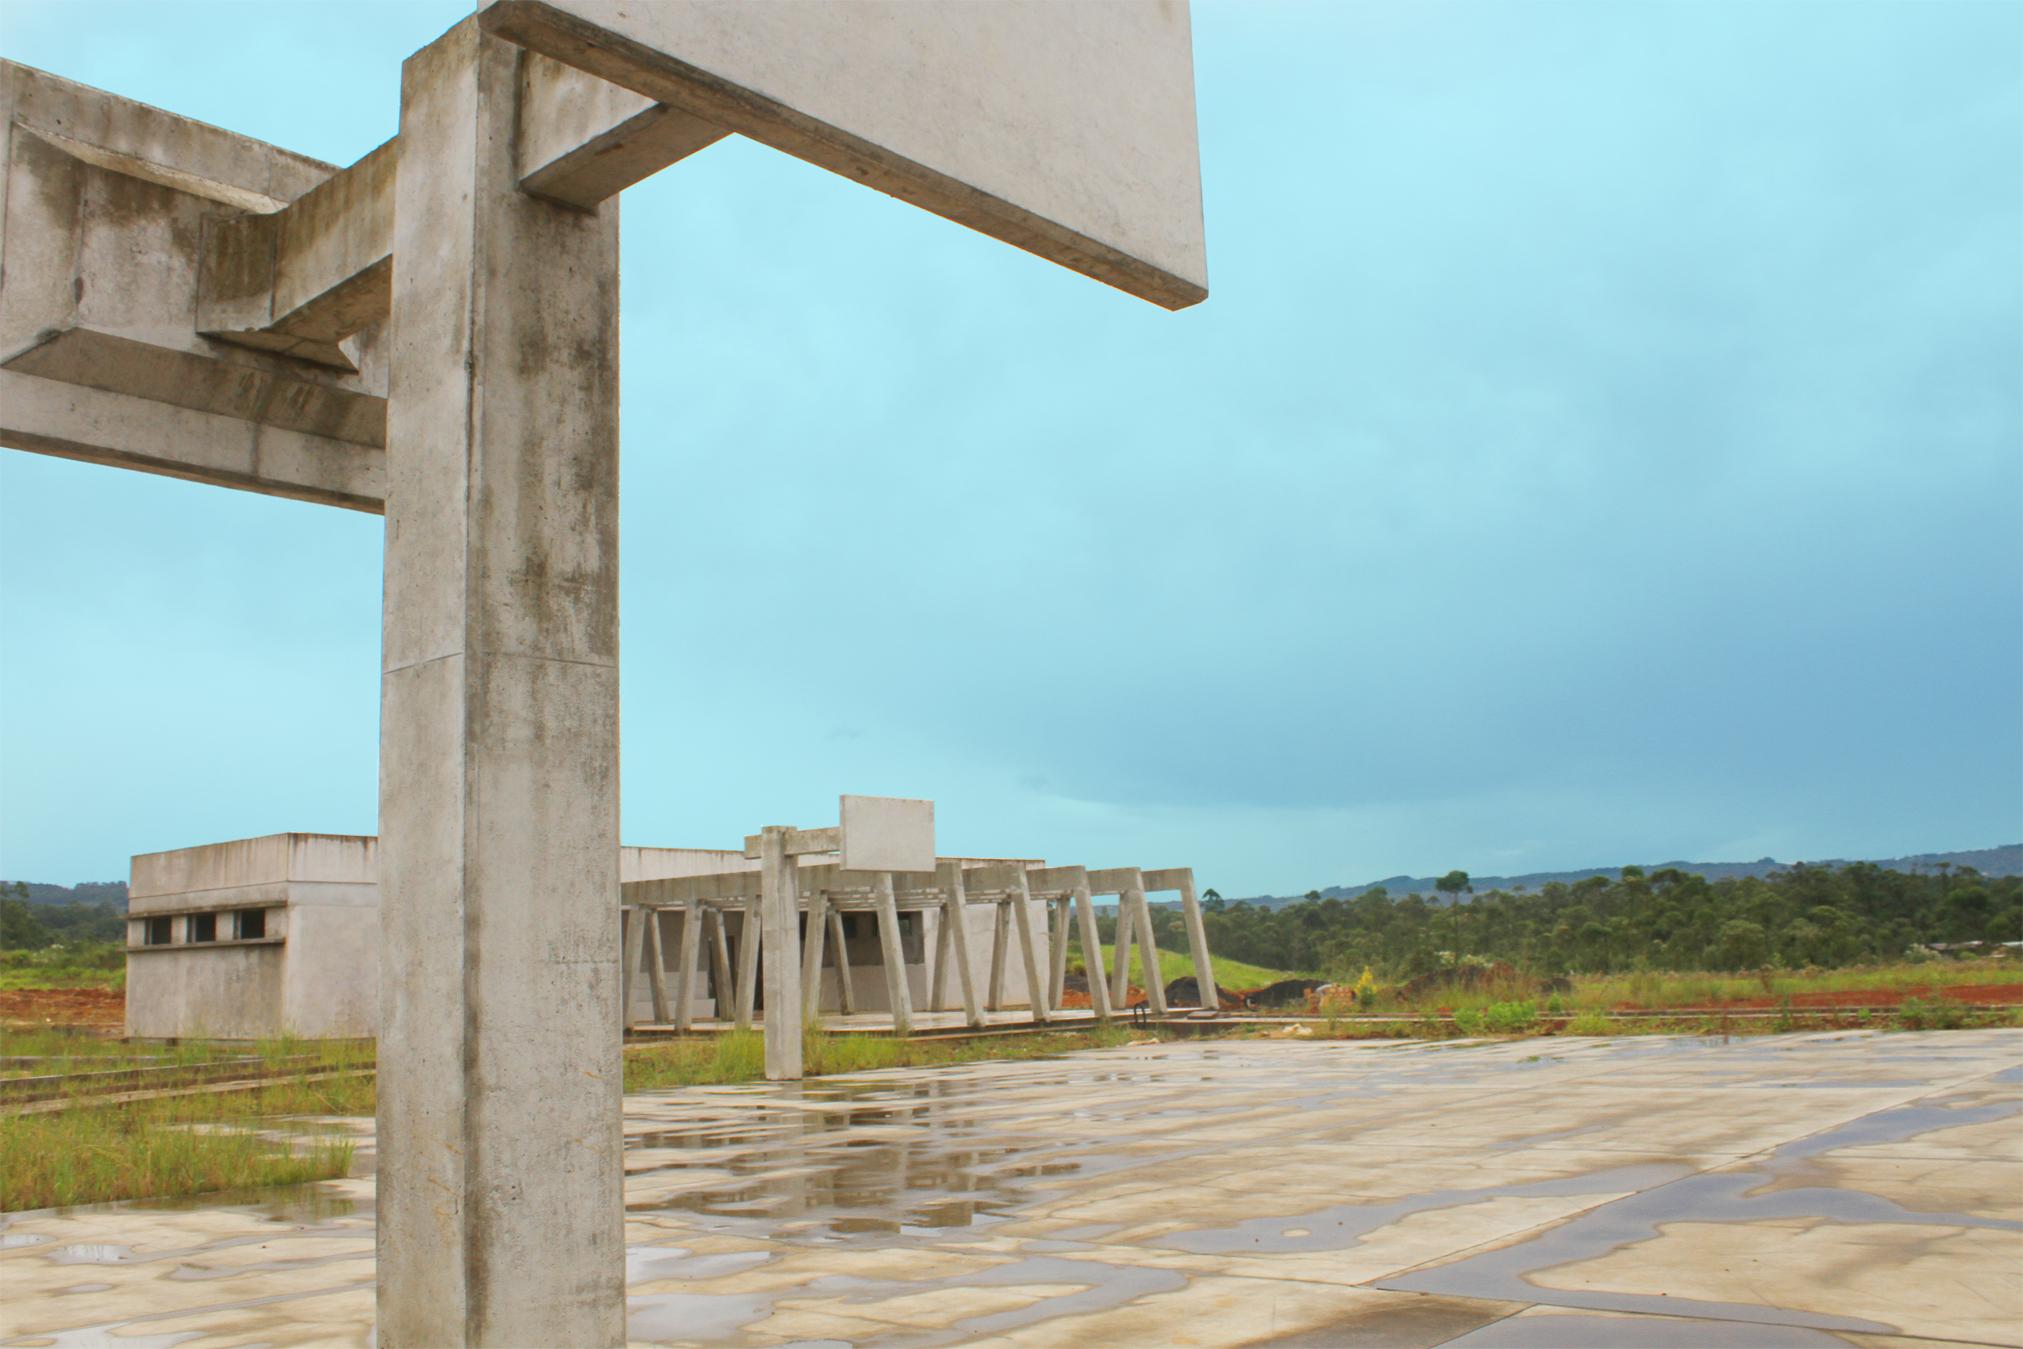 Prefeitura Municipal de Criciúma - Parque do Imigrante será inaugurado dia 1º de setembro